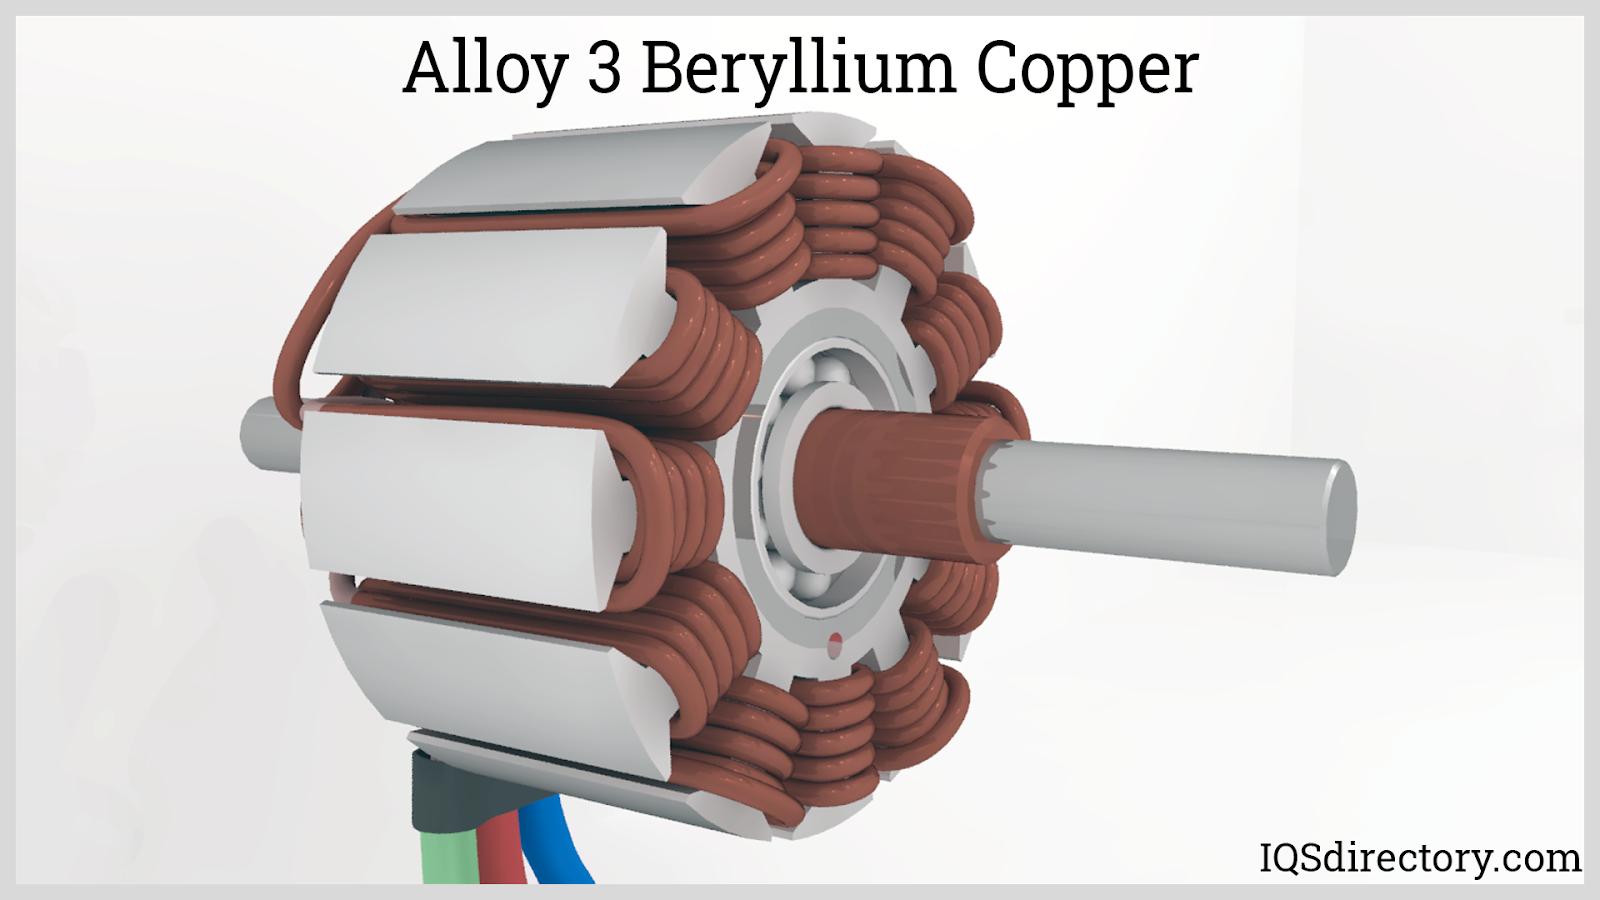 Alloy 3 Beryllium Copper